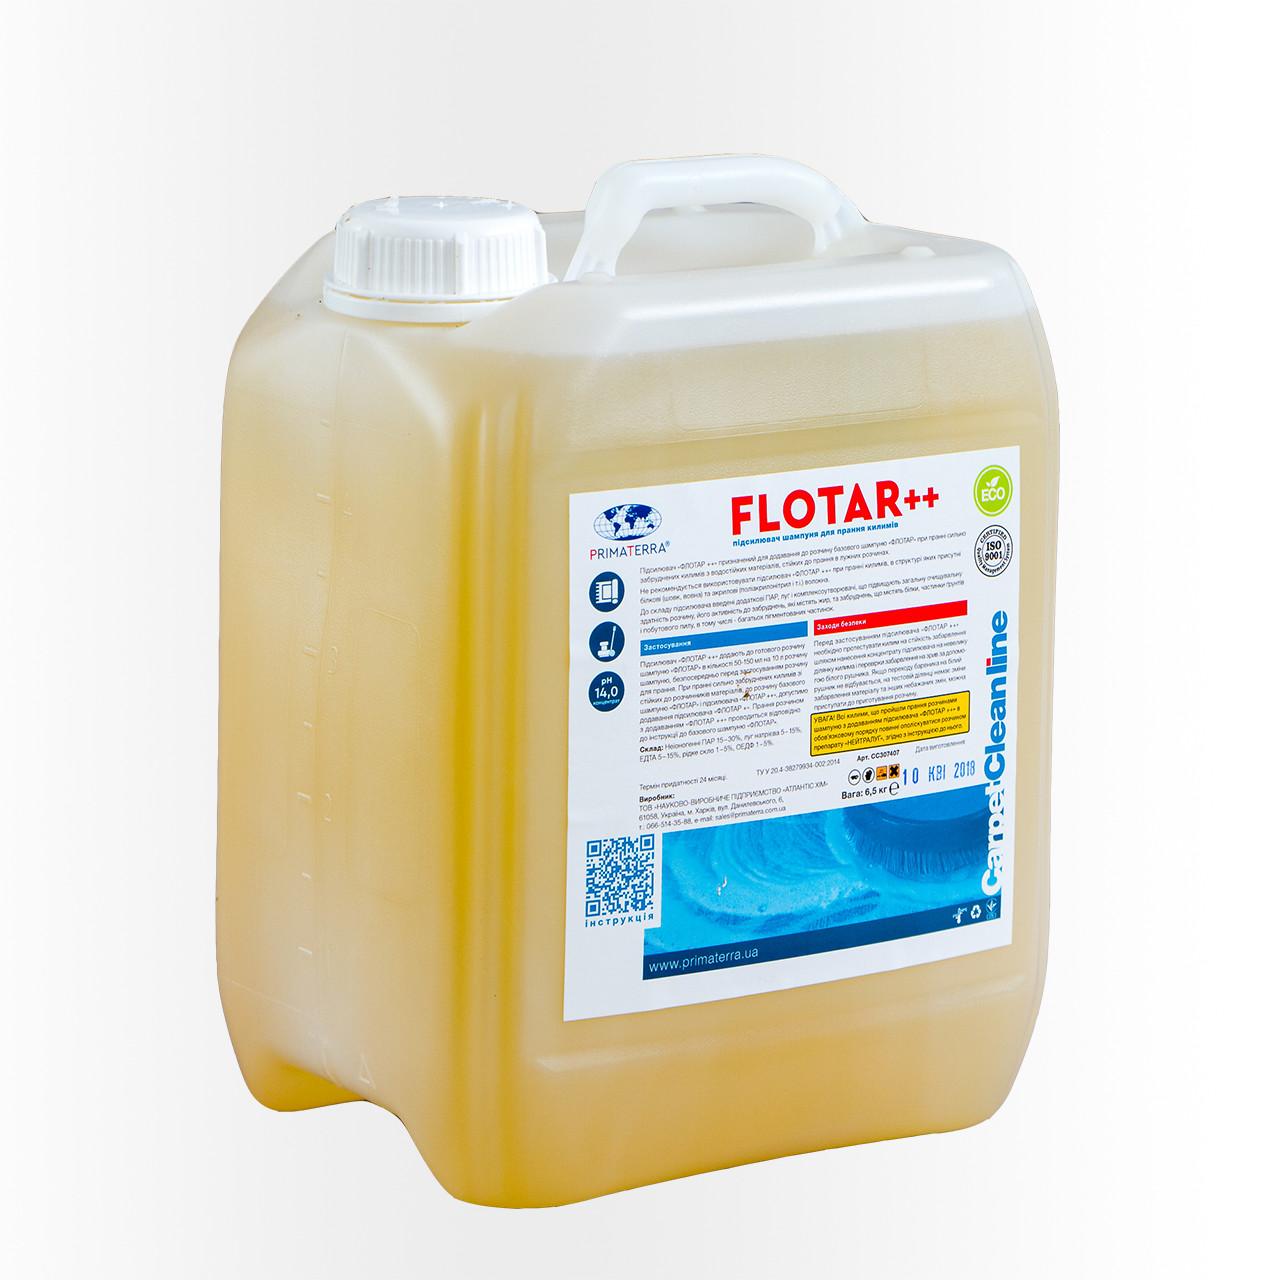 Засіб для прання килимів - Flotar++ жорсткий підсилювач (6,5 кг)